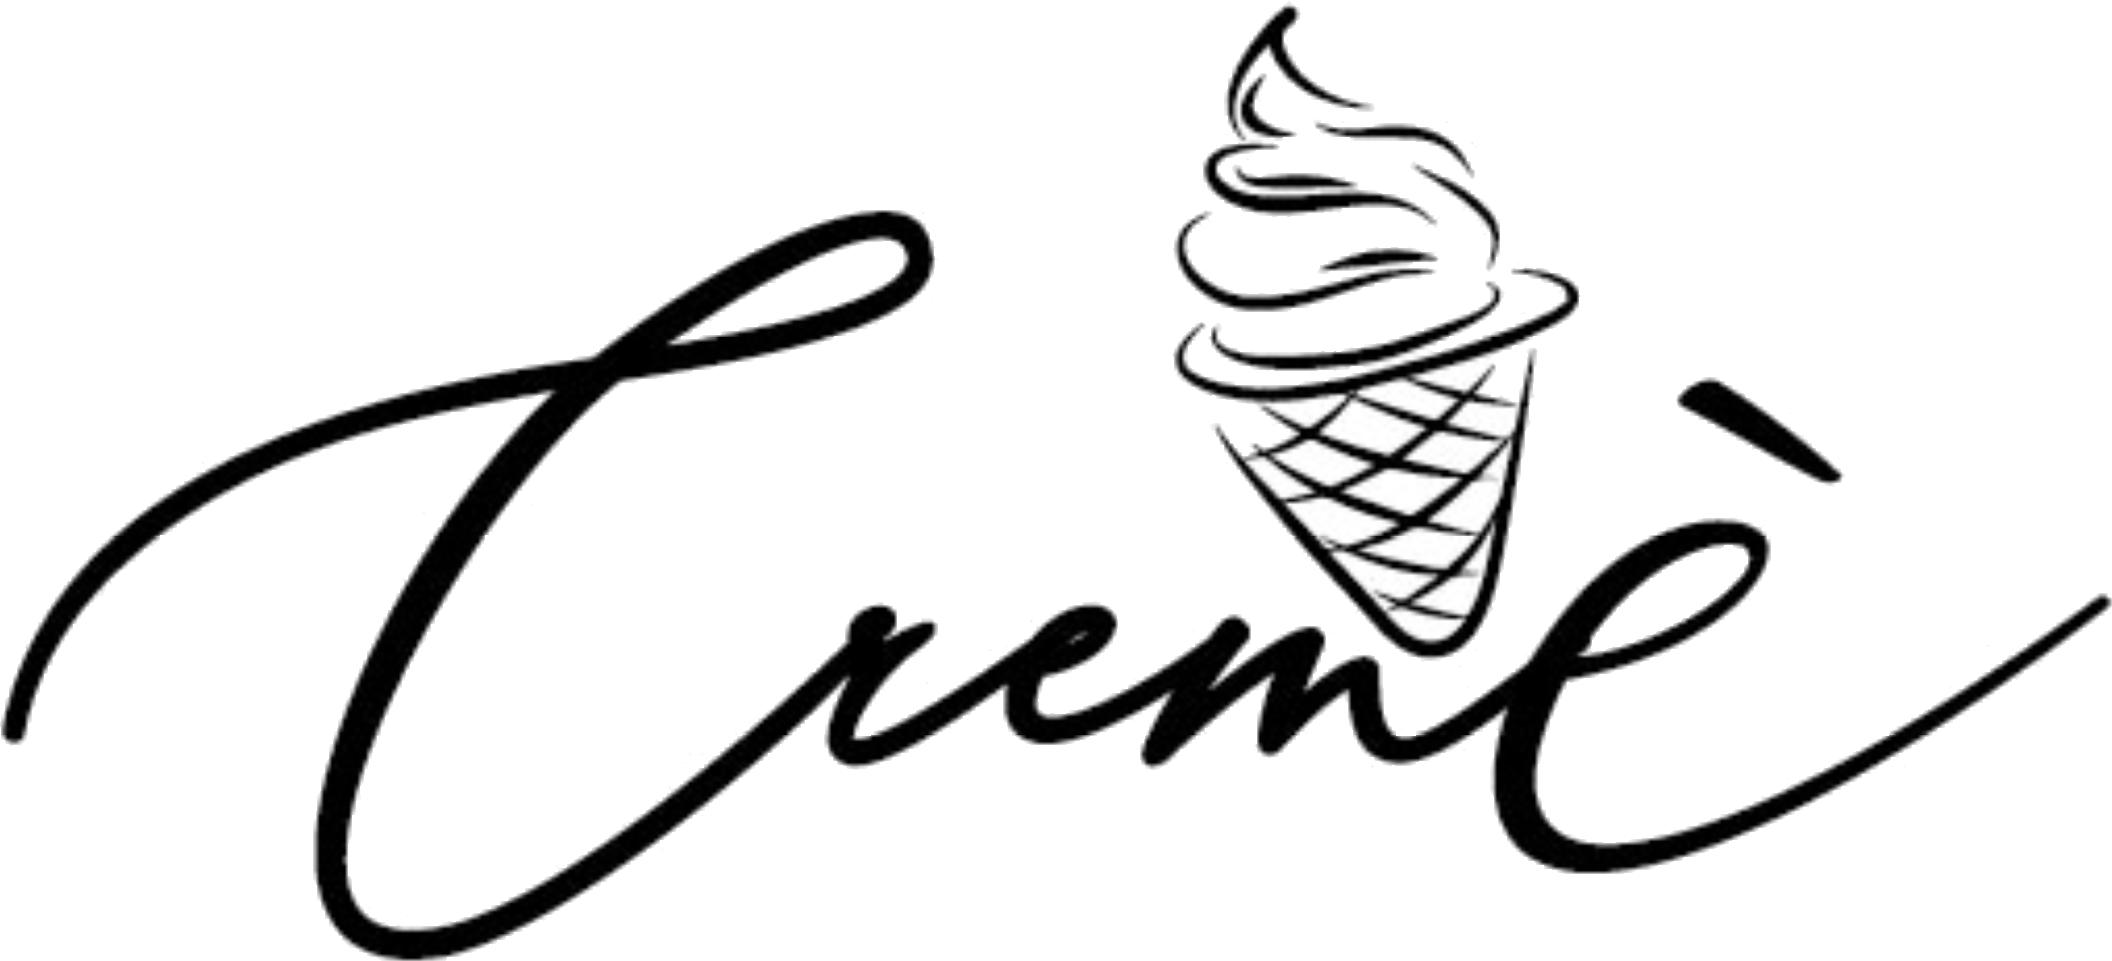 Cremé - Gelateria